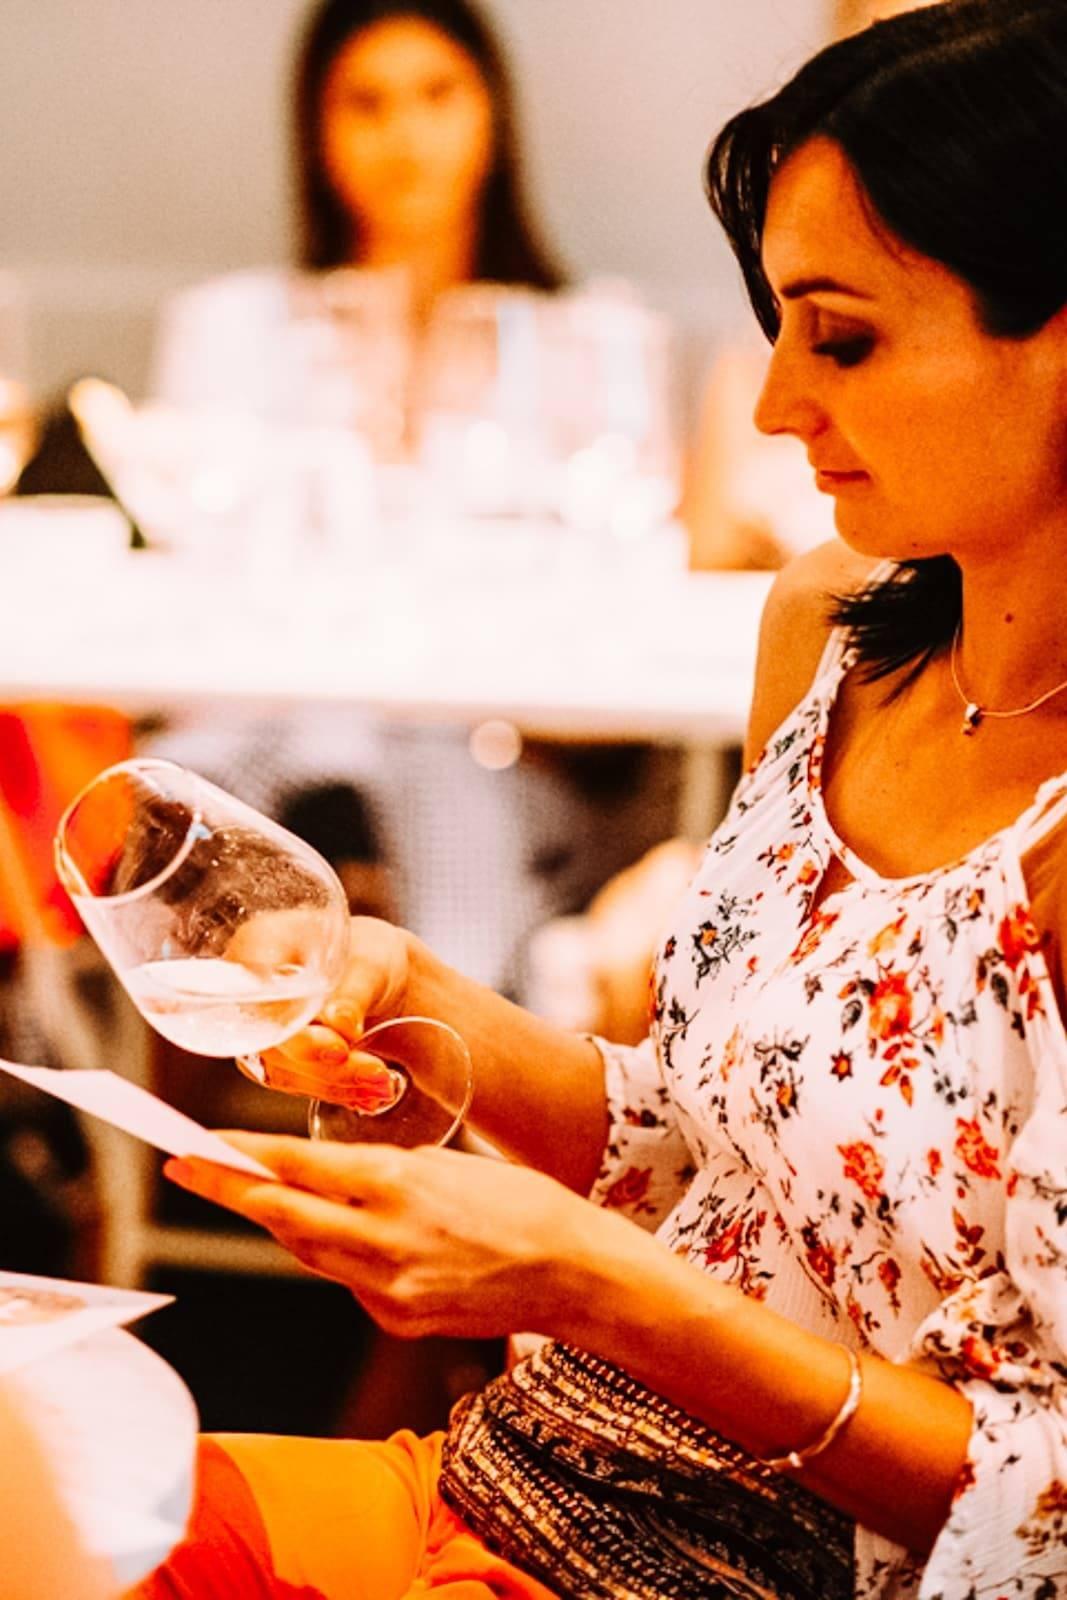 Croatian Wine Tasting & Bites